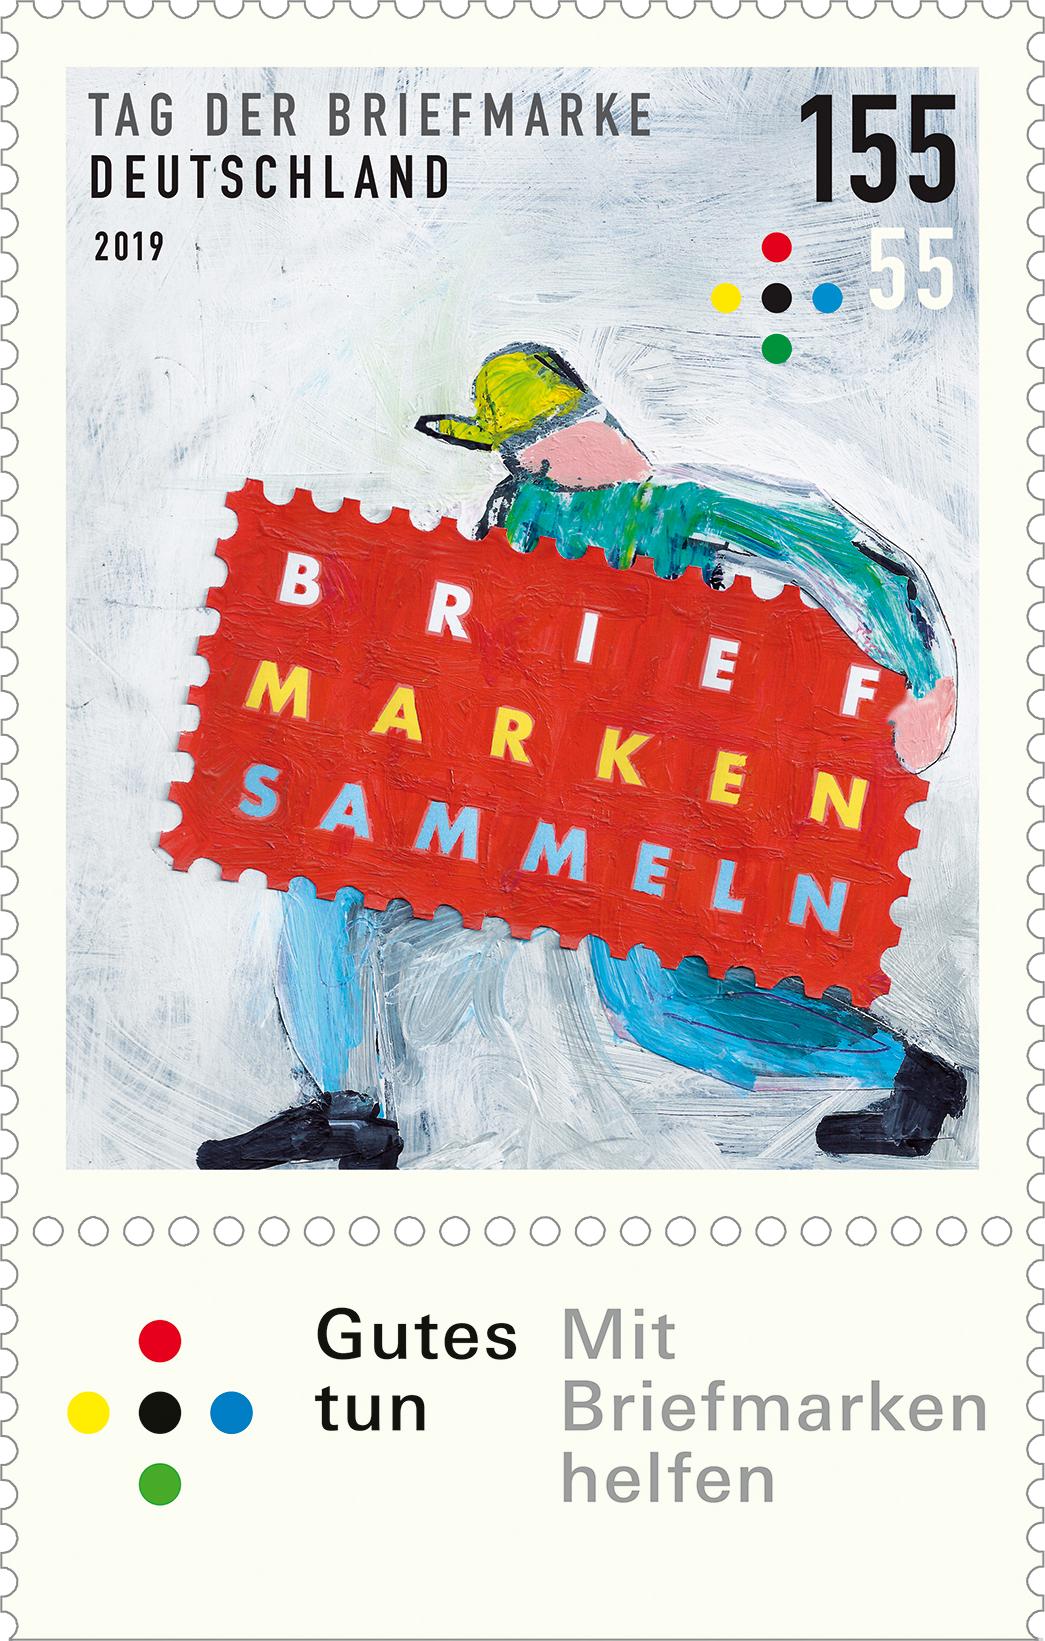 https://www.borek.de/briefmarke-briefmarkensammeln-6